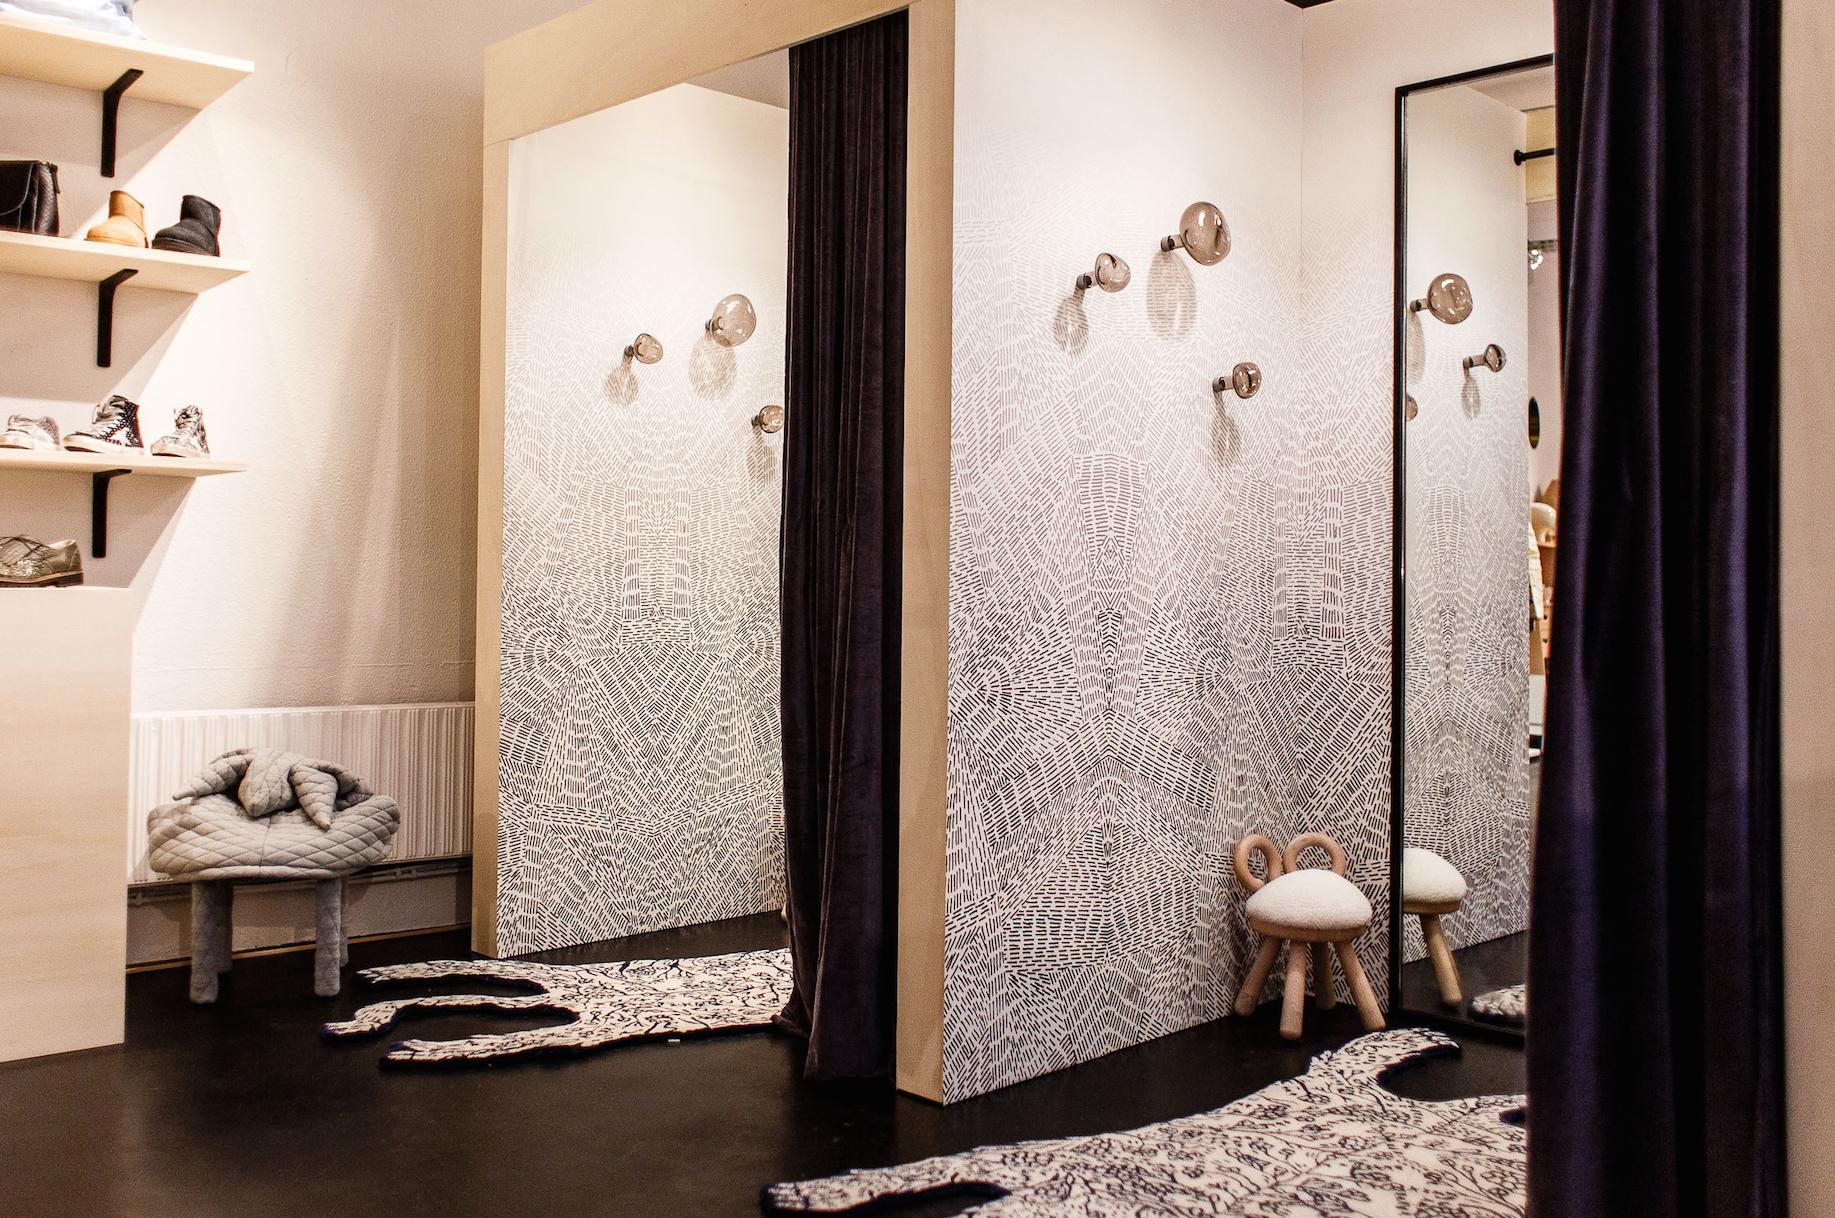 smallable 39 s first concept store at 81 rue du cherche midi. Black Bedroom Furniture Sets. Home Design Ideas